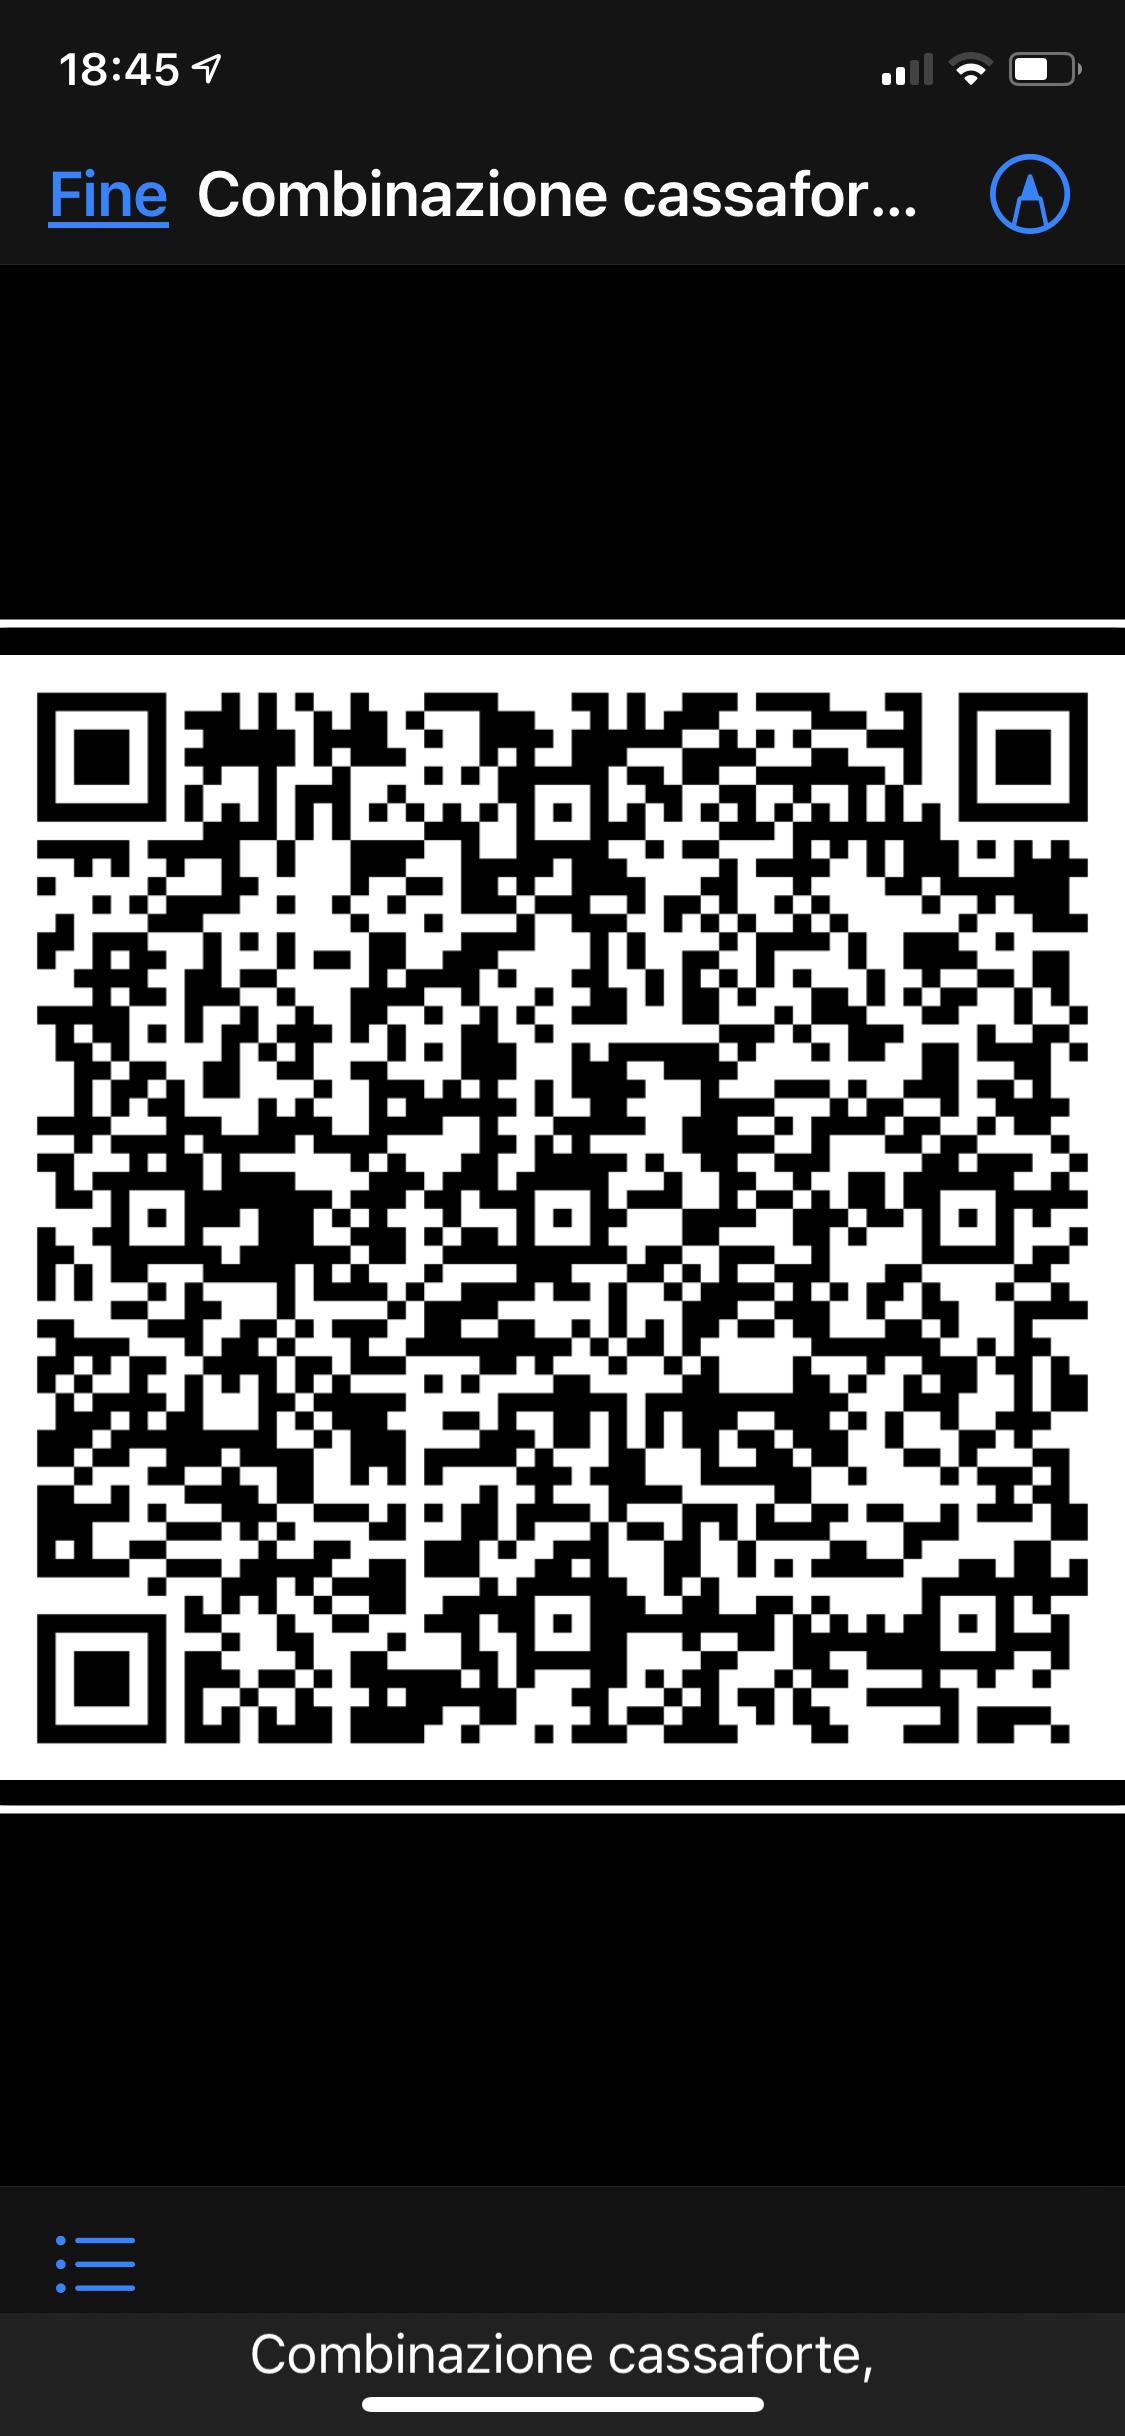 L'immagine raffigura un QR cod criptato sullo schermo di un iPhone